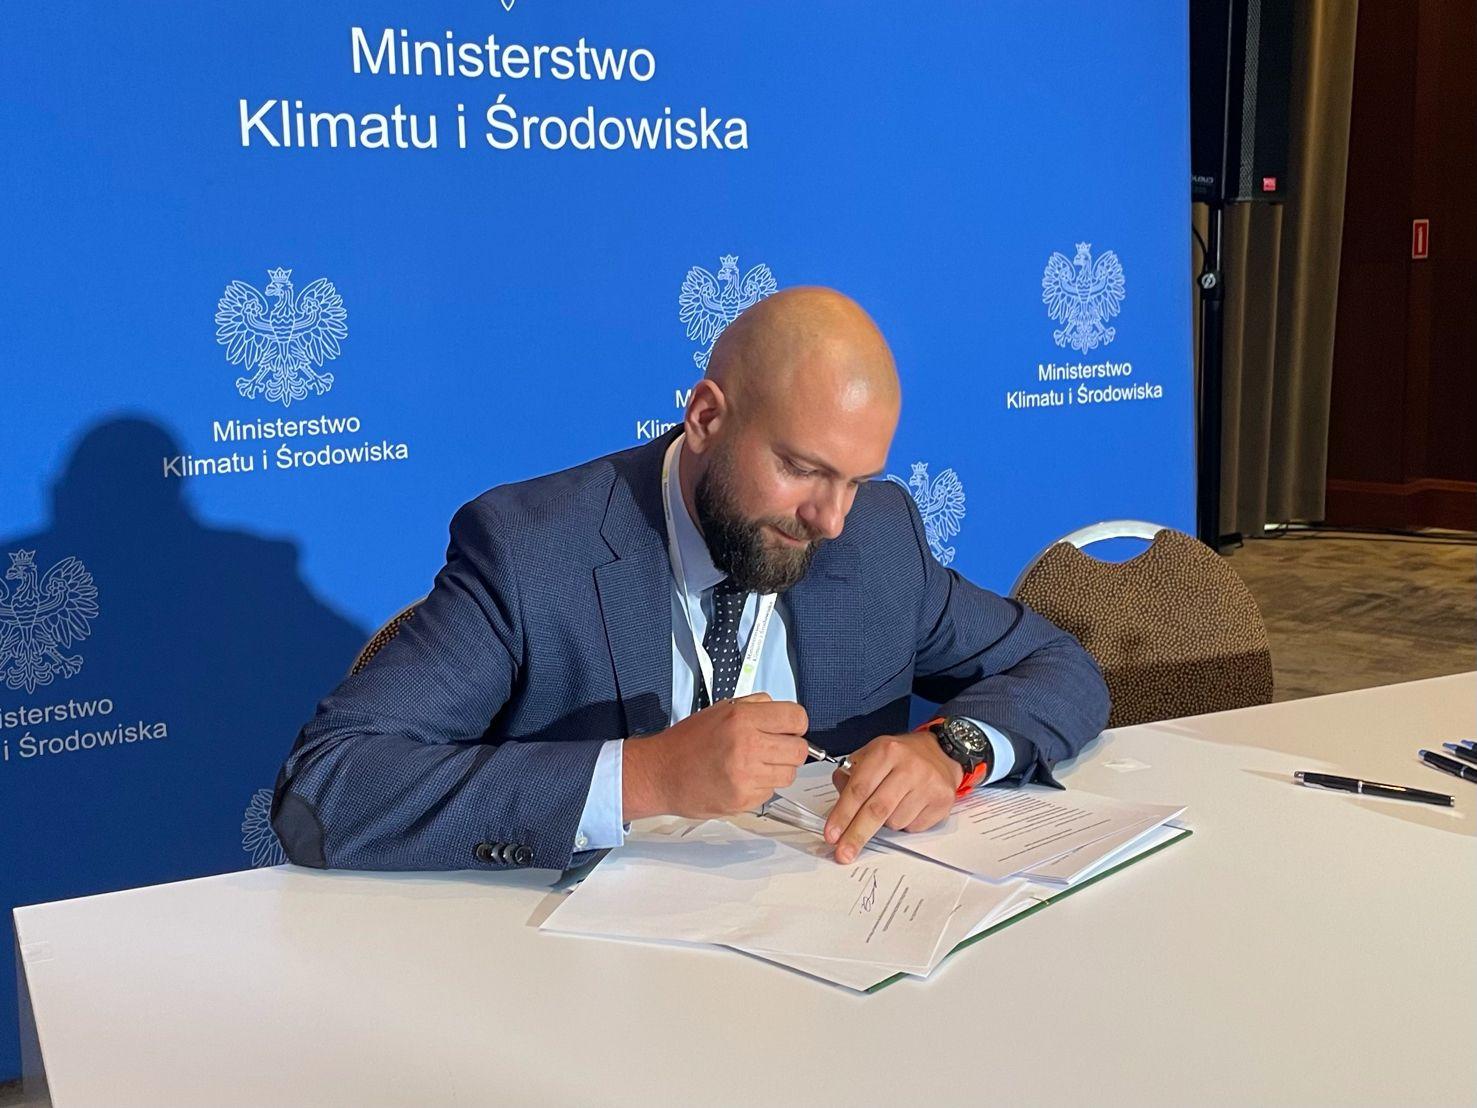 Michał Kaczerowski